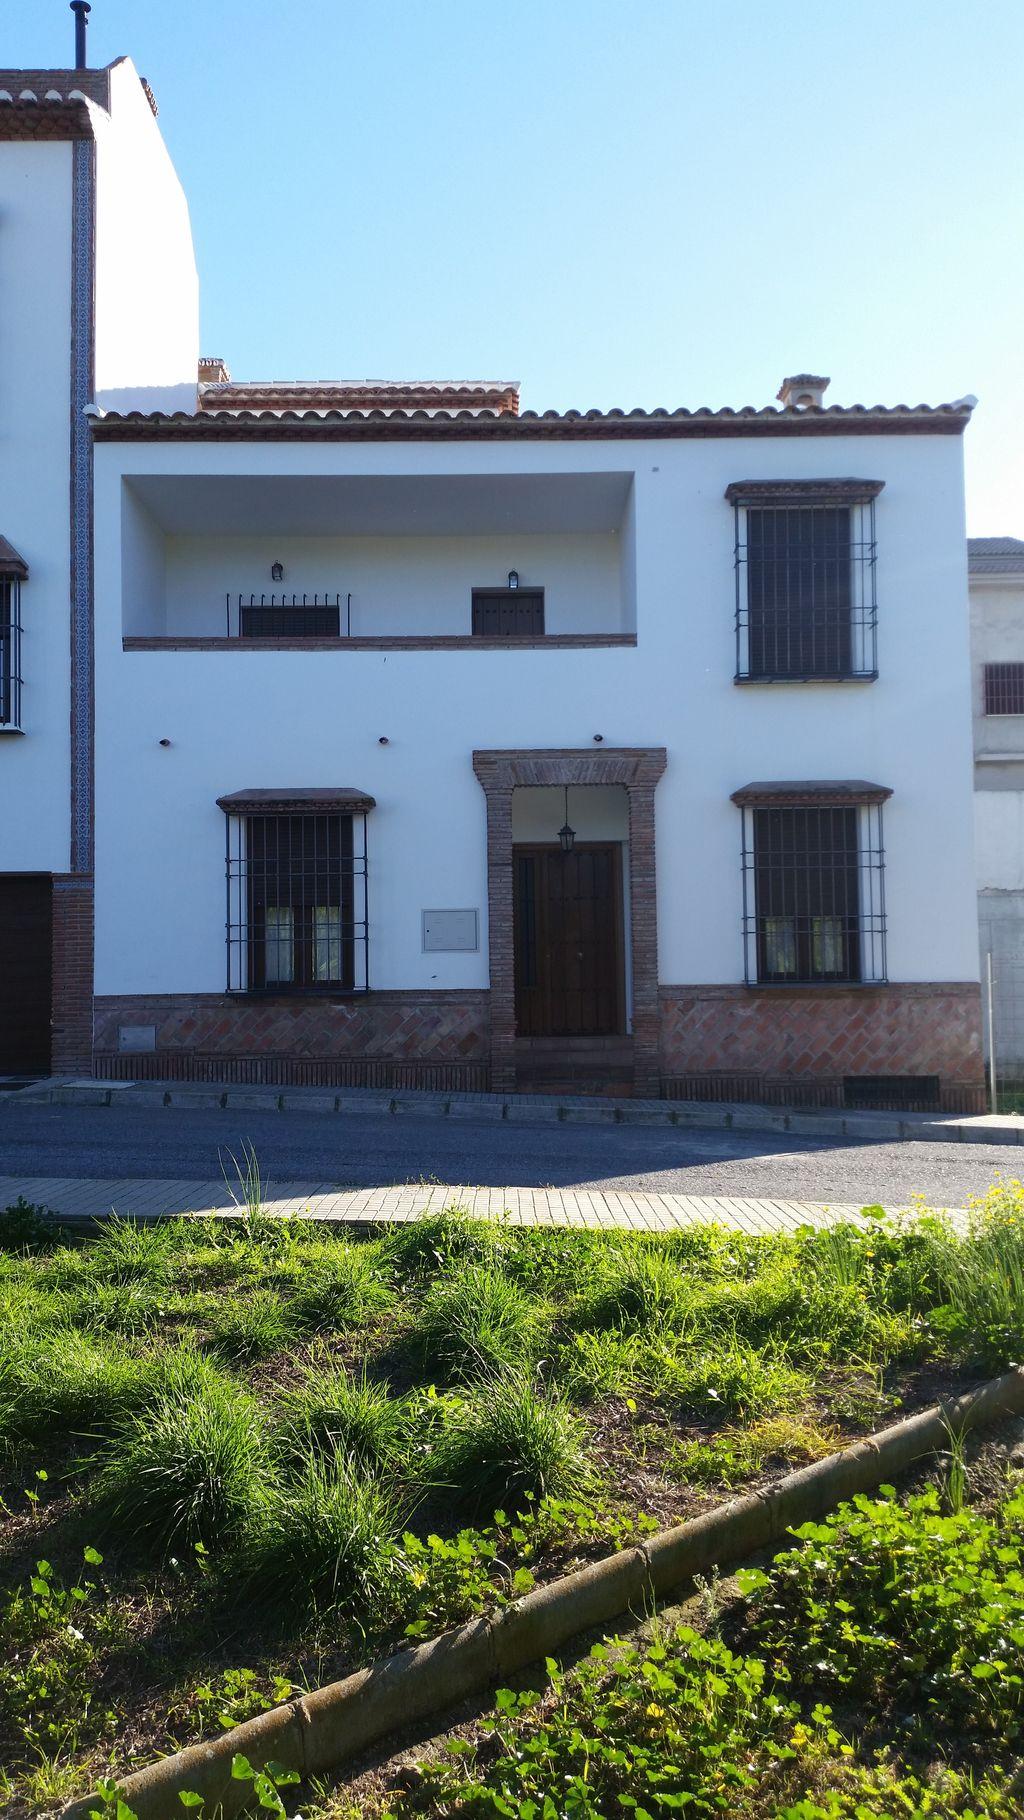 Casa Urbanización La Yesera (Casabermeja-Málaga) (Casabermeja, Málaga)